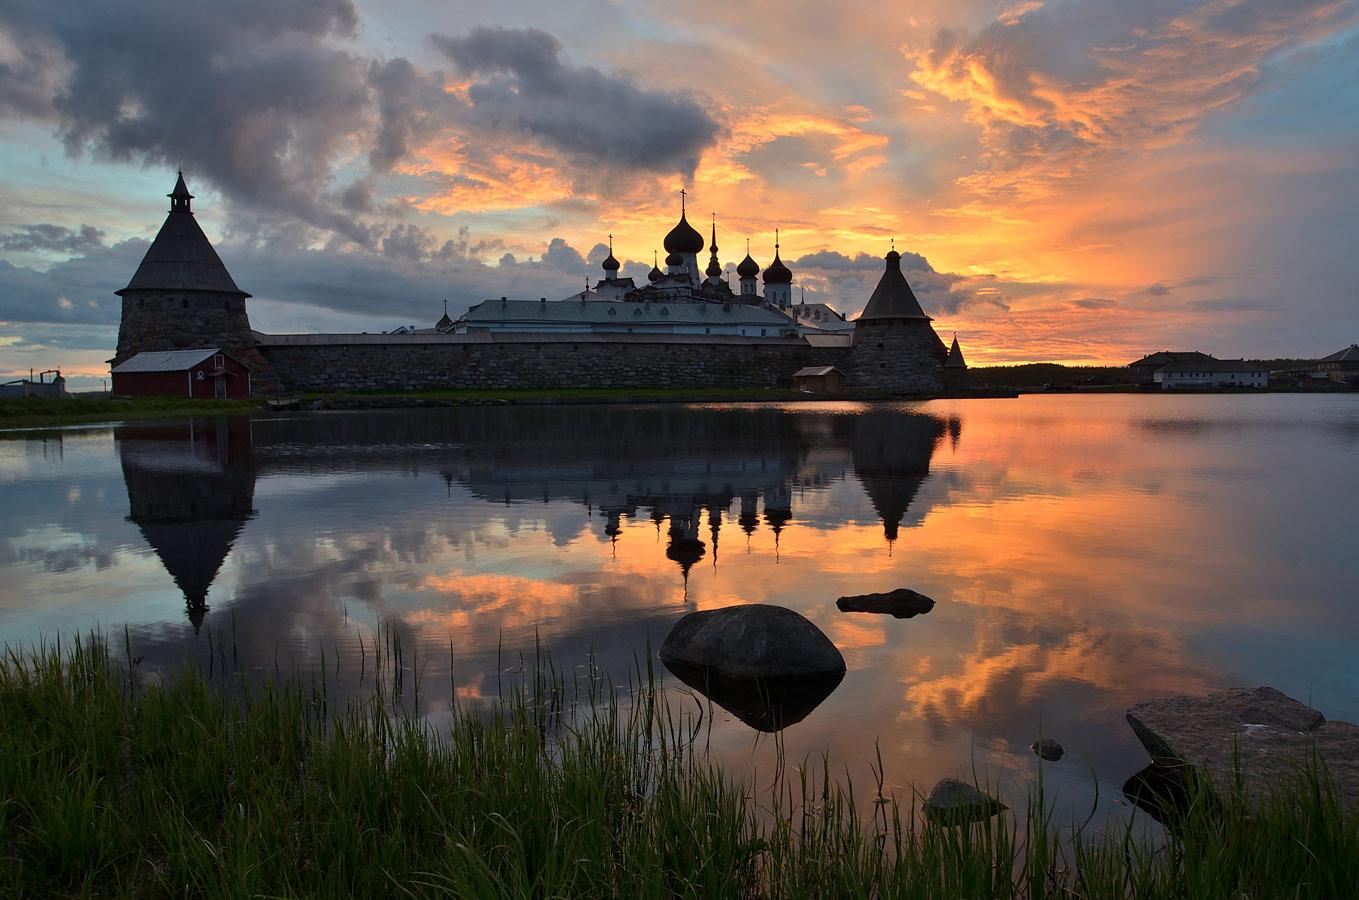 Свет Соловков, © Павел Афанасьев (Большой Соловецкий остров), 2 место, Фотоконкурс «Русская цивилизация»